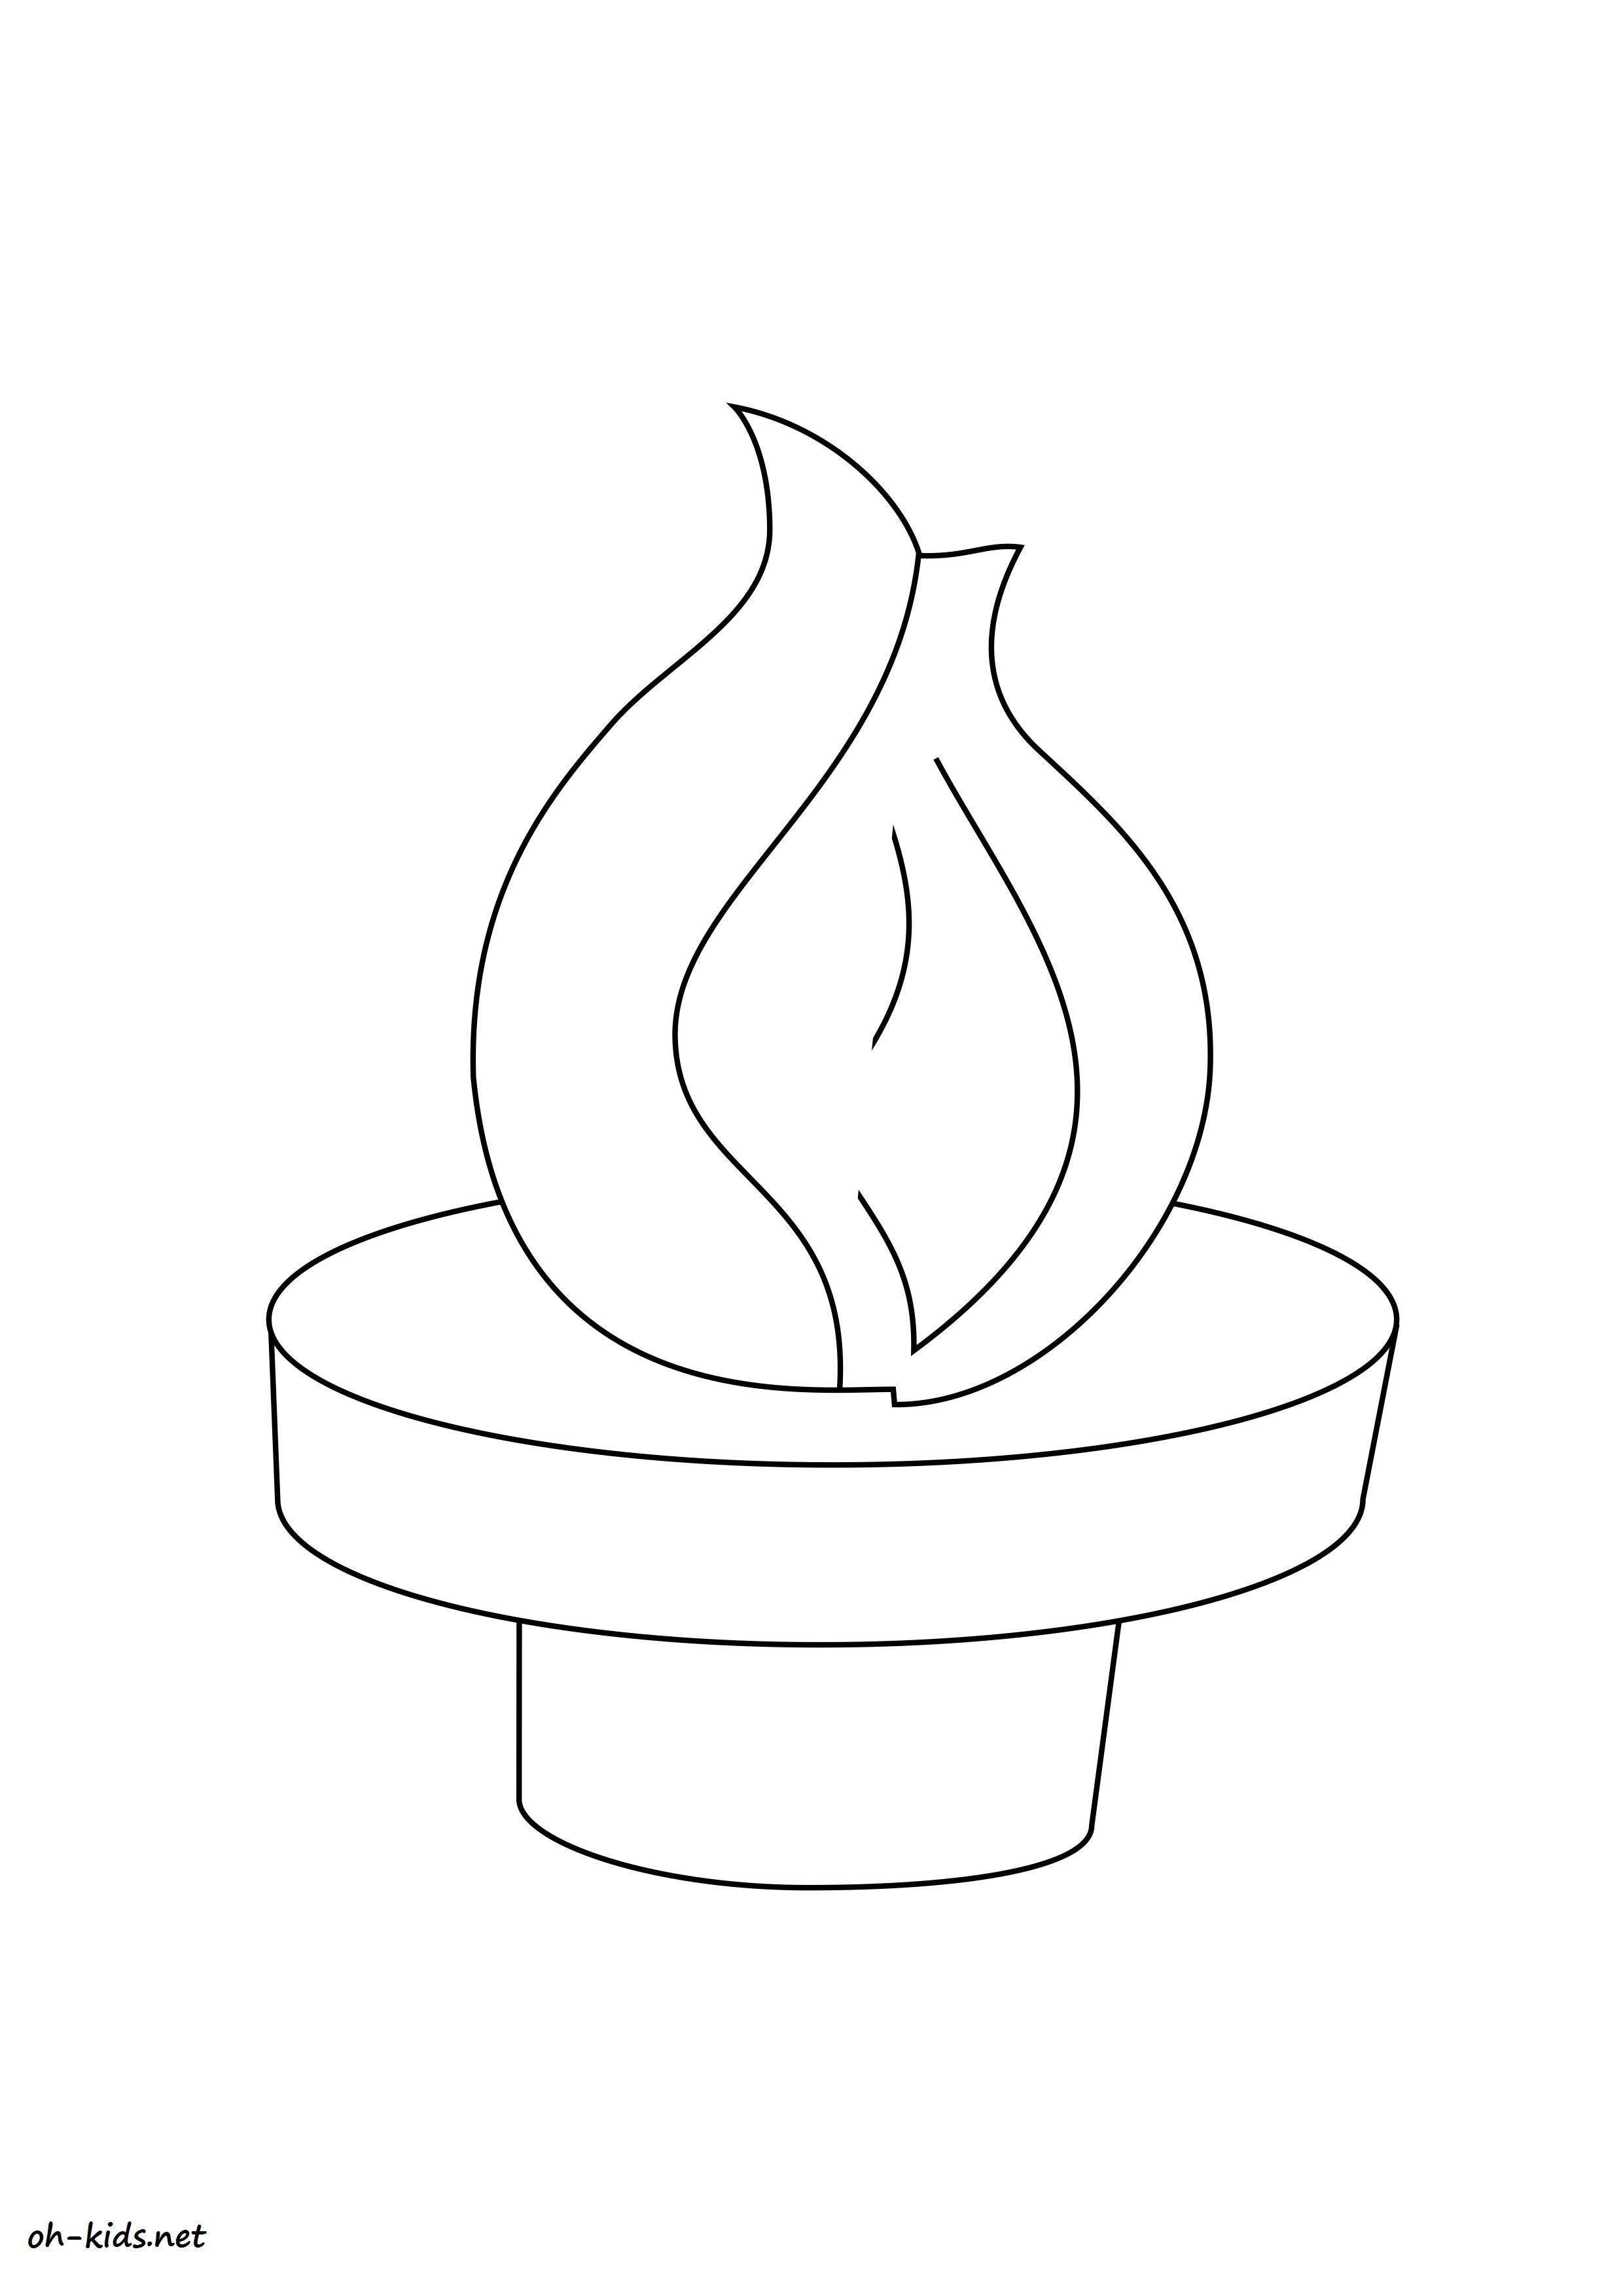 Dessin gratuit de olympique a imprimer et colorier - Dessin #1399